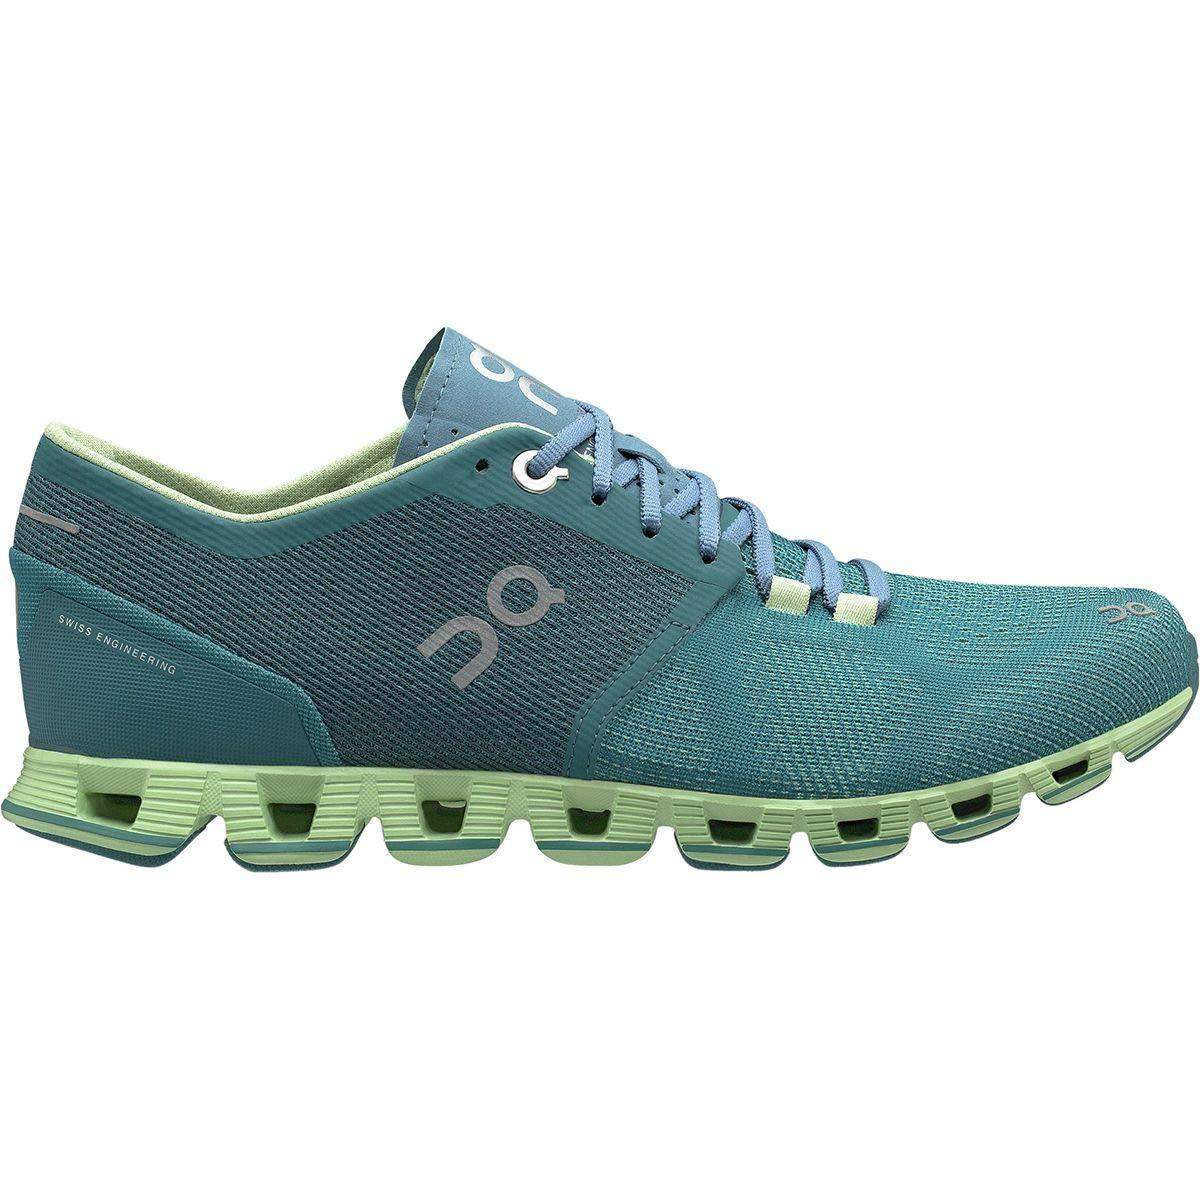 全品送料0円 [オンフットウェア] レディース B07MTC4Q94 ランニング Cloud X X Running Shoe [並行輸入品] [並行輸入品] B07MTC4Q94 7.5, タキノチョウ:09927c81 --- a0267596.xsph.ru